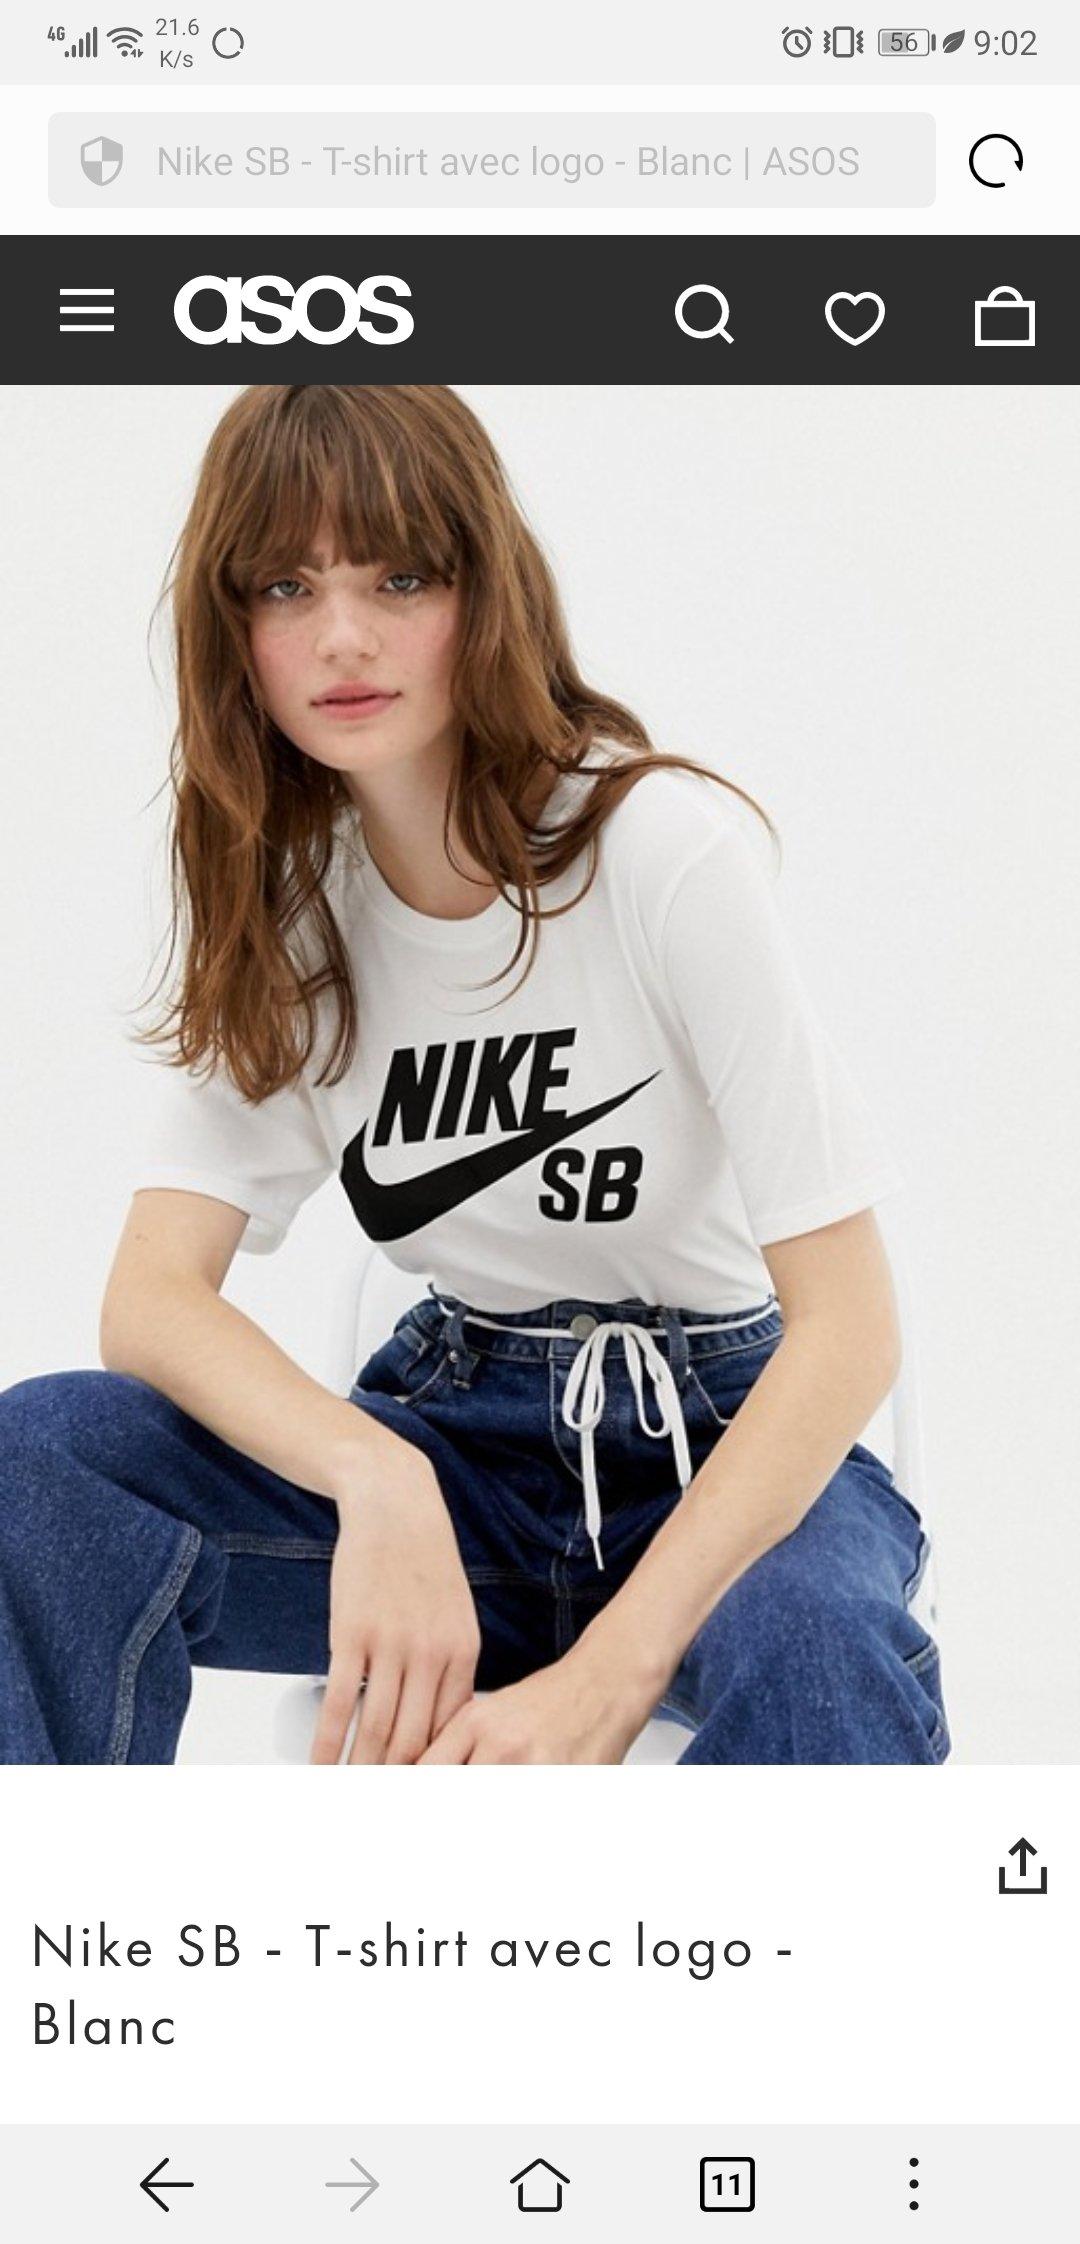 不瞒你说 我真的很想买这个SB衬衫